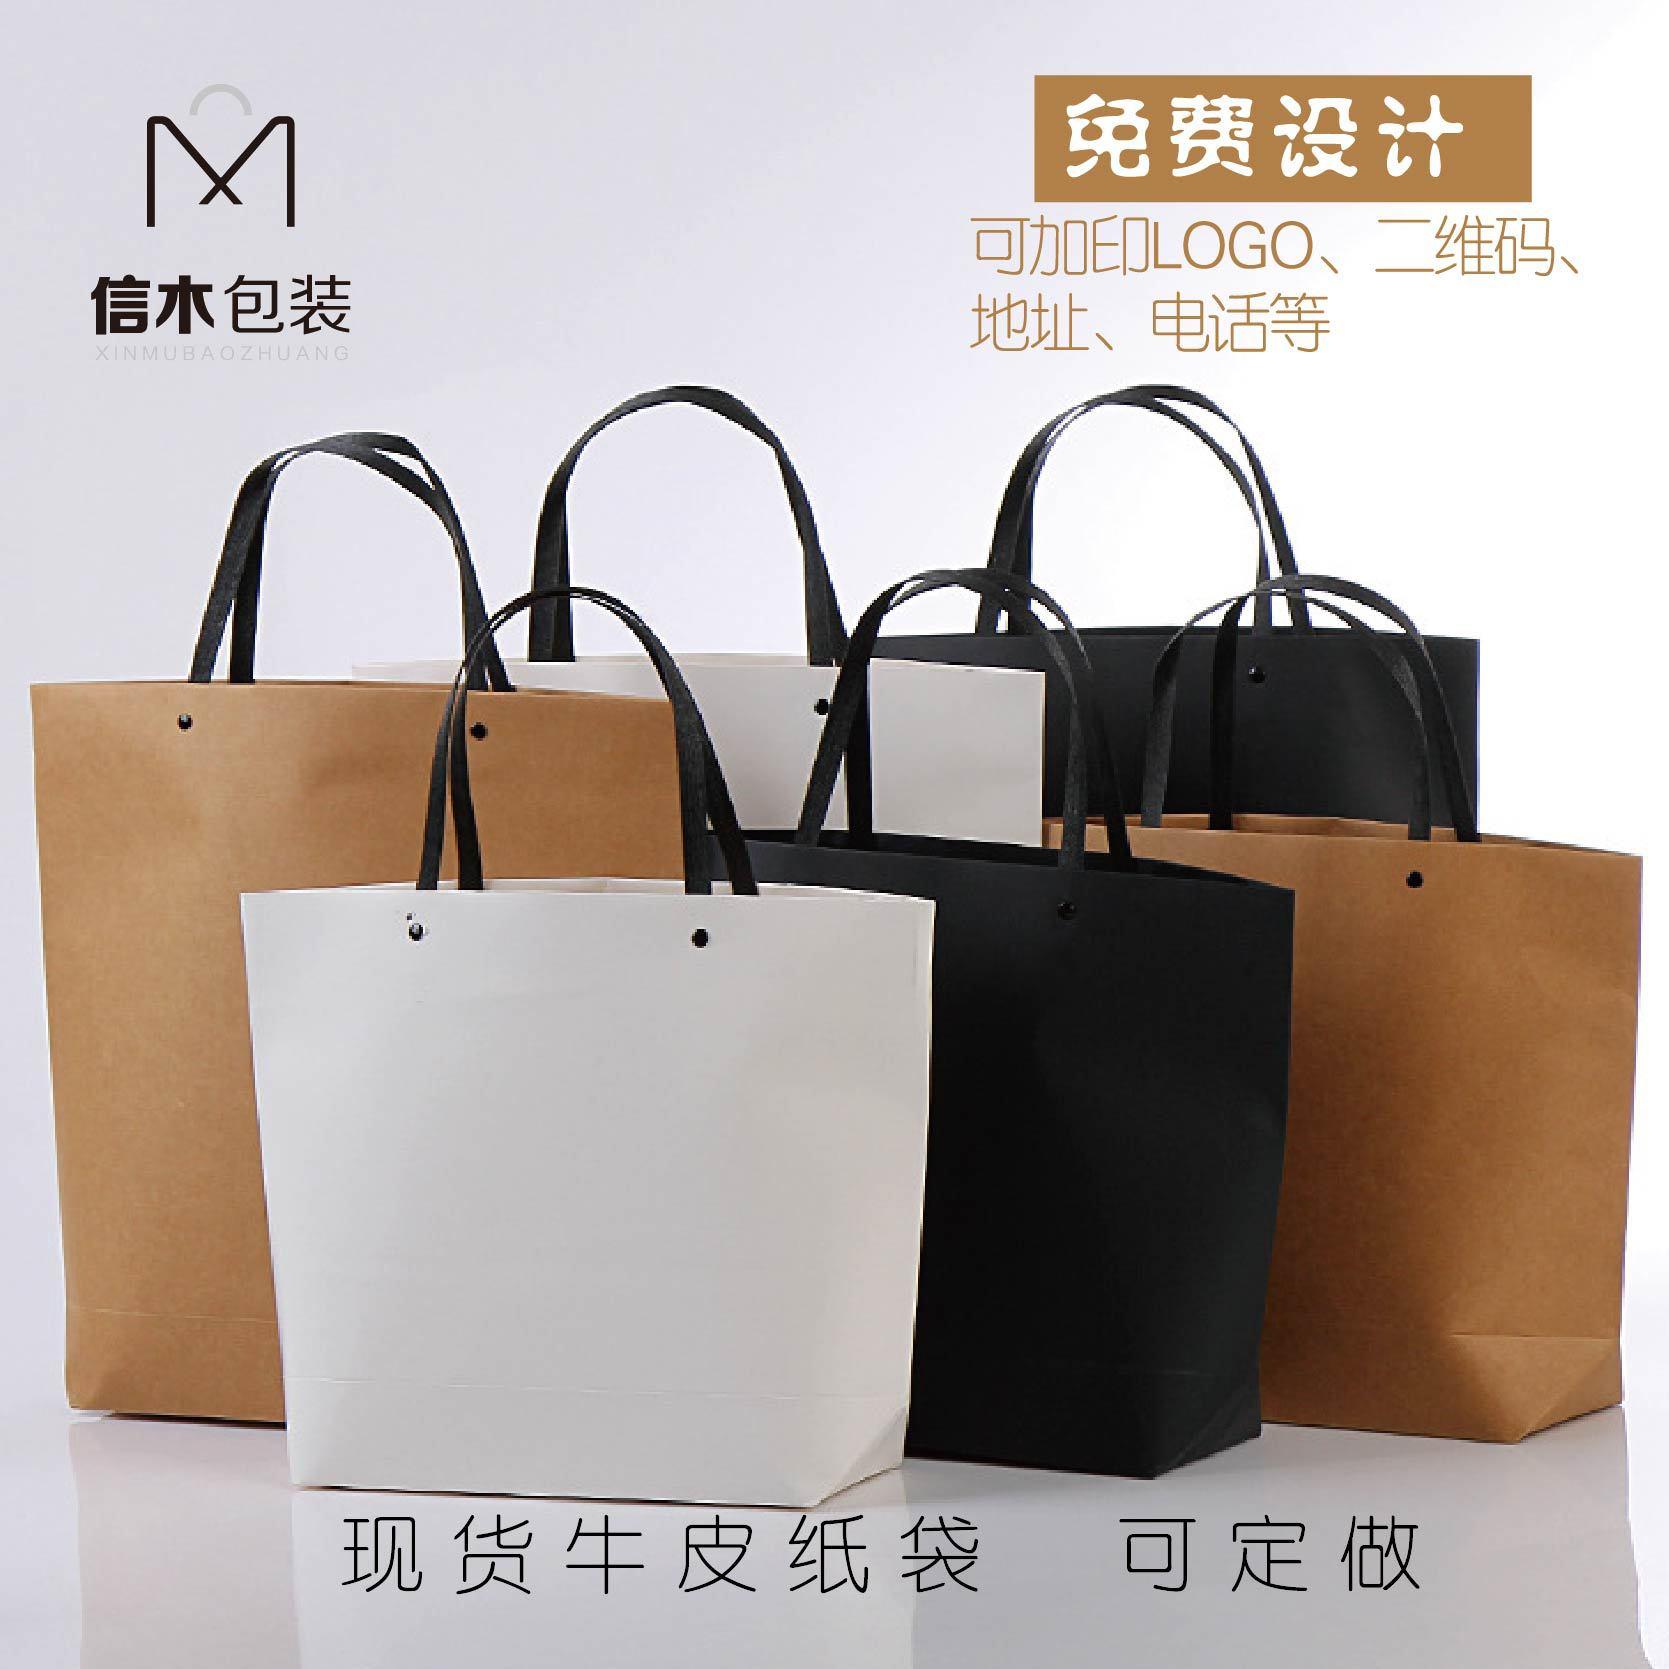 包装纸袋印刷订做 扁平袋 服装袋 可定制